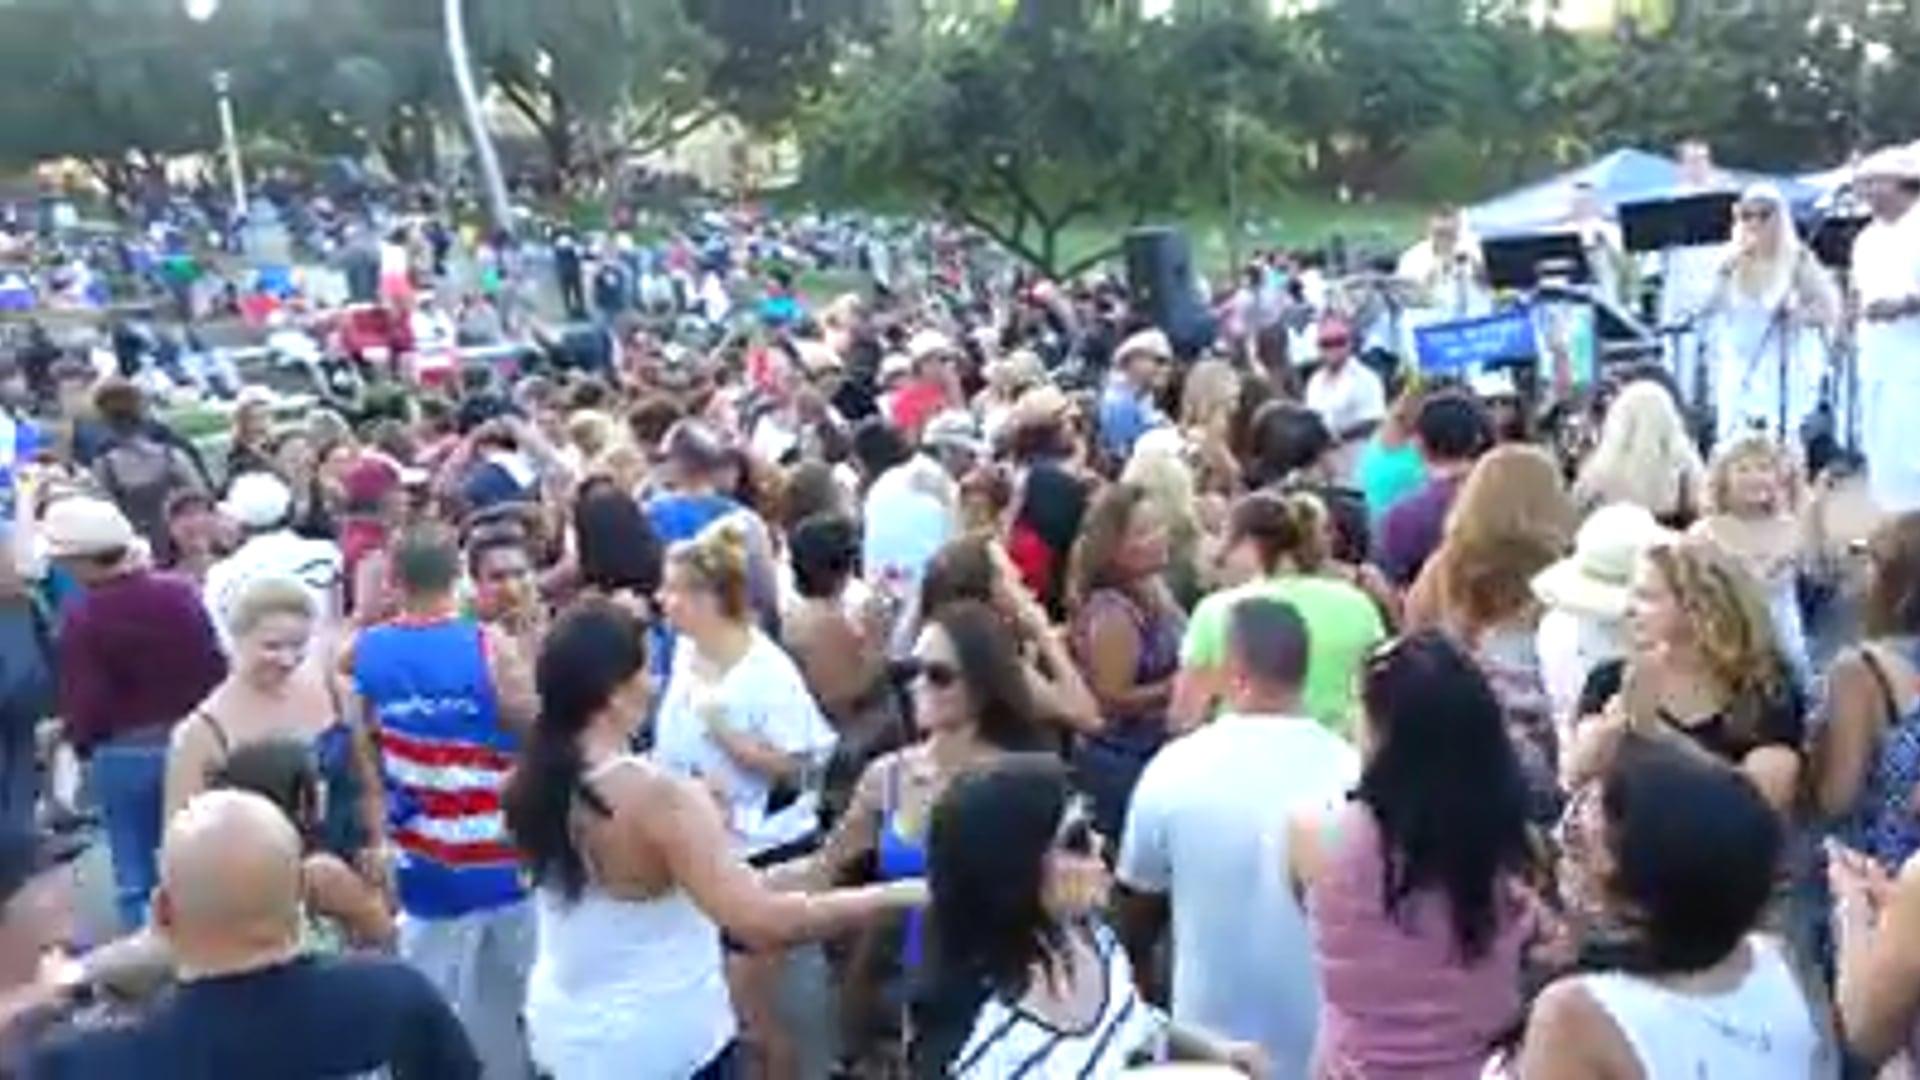 Volvere' Manhattan Beach crowd